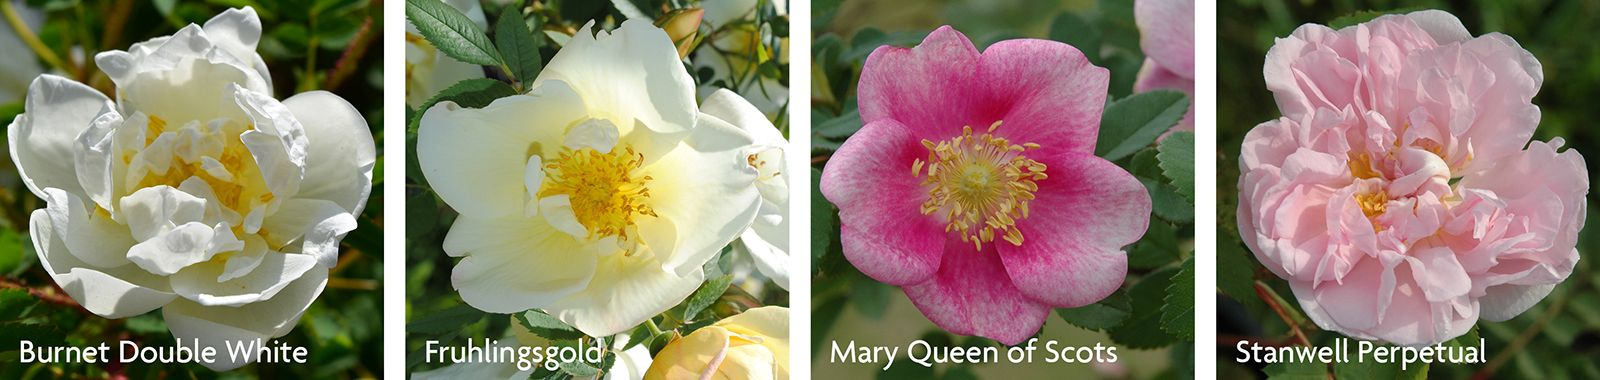 Pimpinellifolia Roses